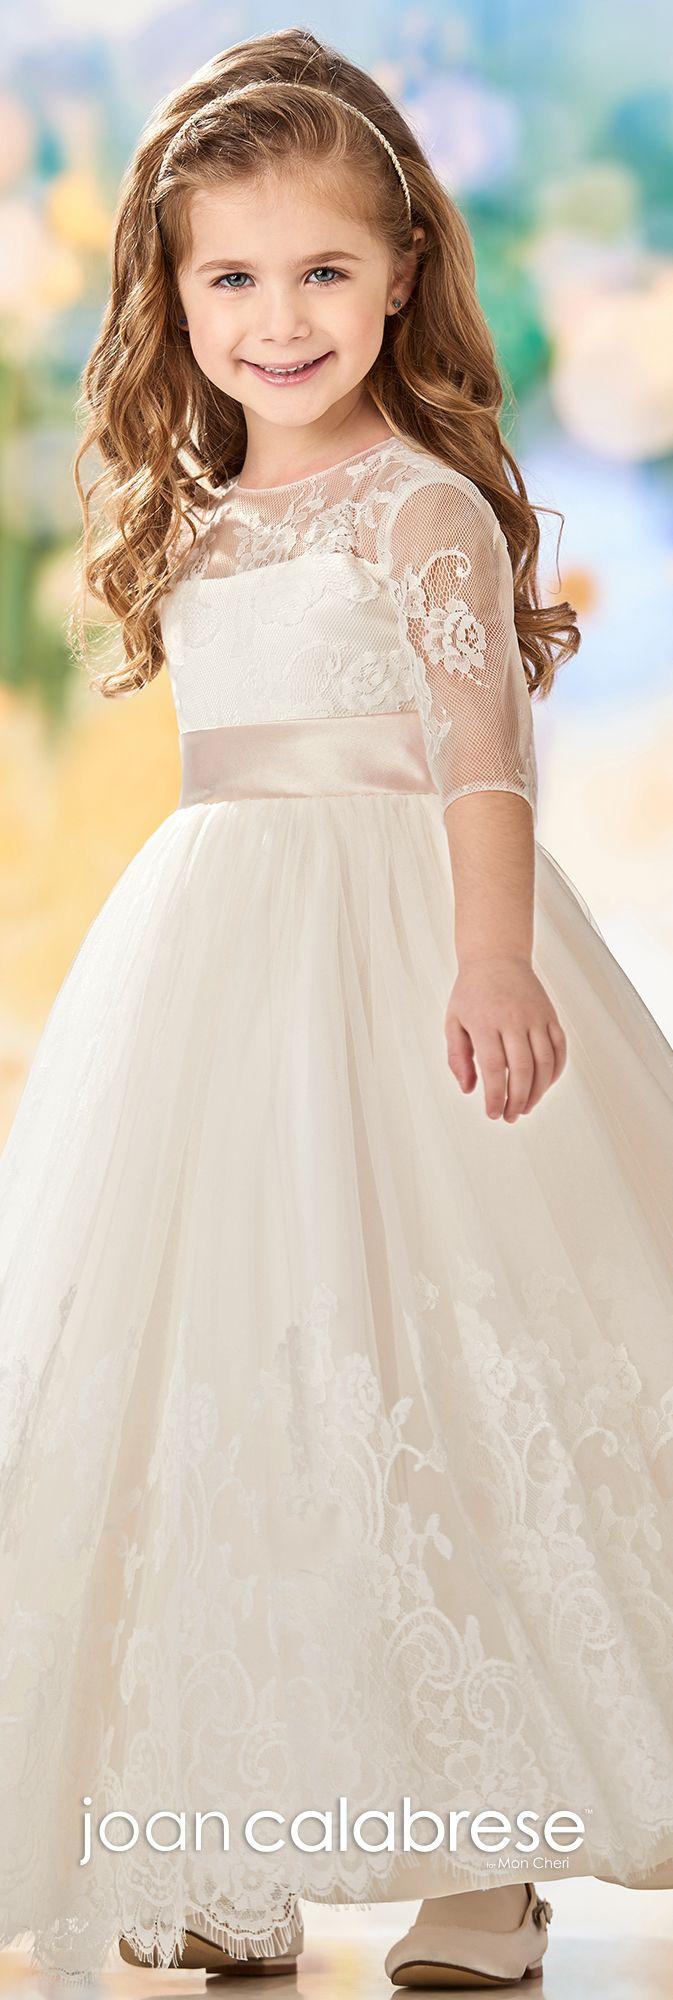 7963e47fe6d Joan Calabrese Flower Girl Dresses - 218352